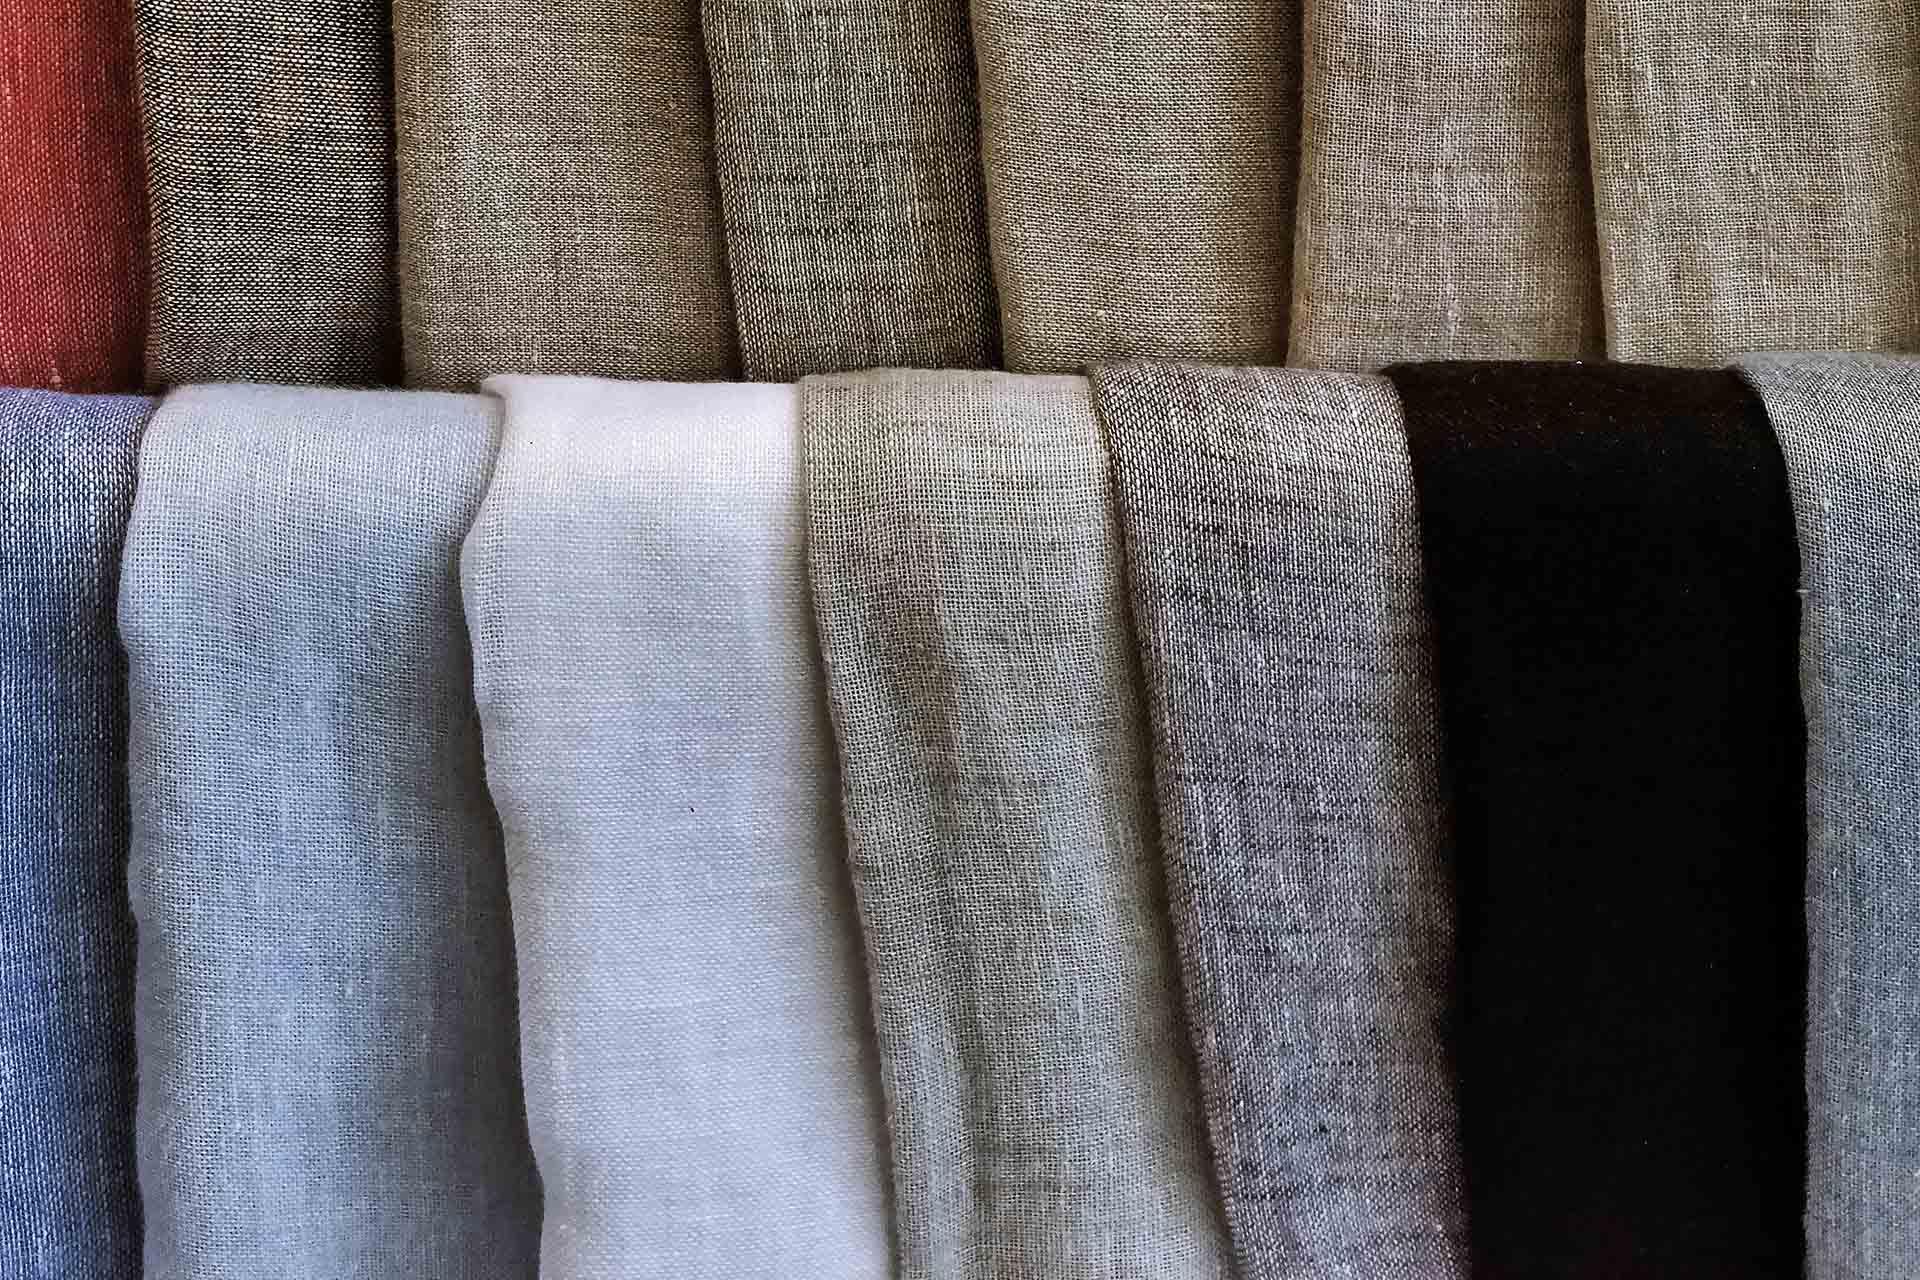 Szwedzki startup zleci produkcję tkanin i gotowych wyrobów z lnu